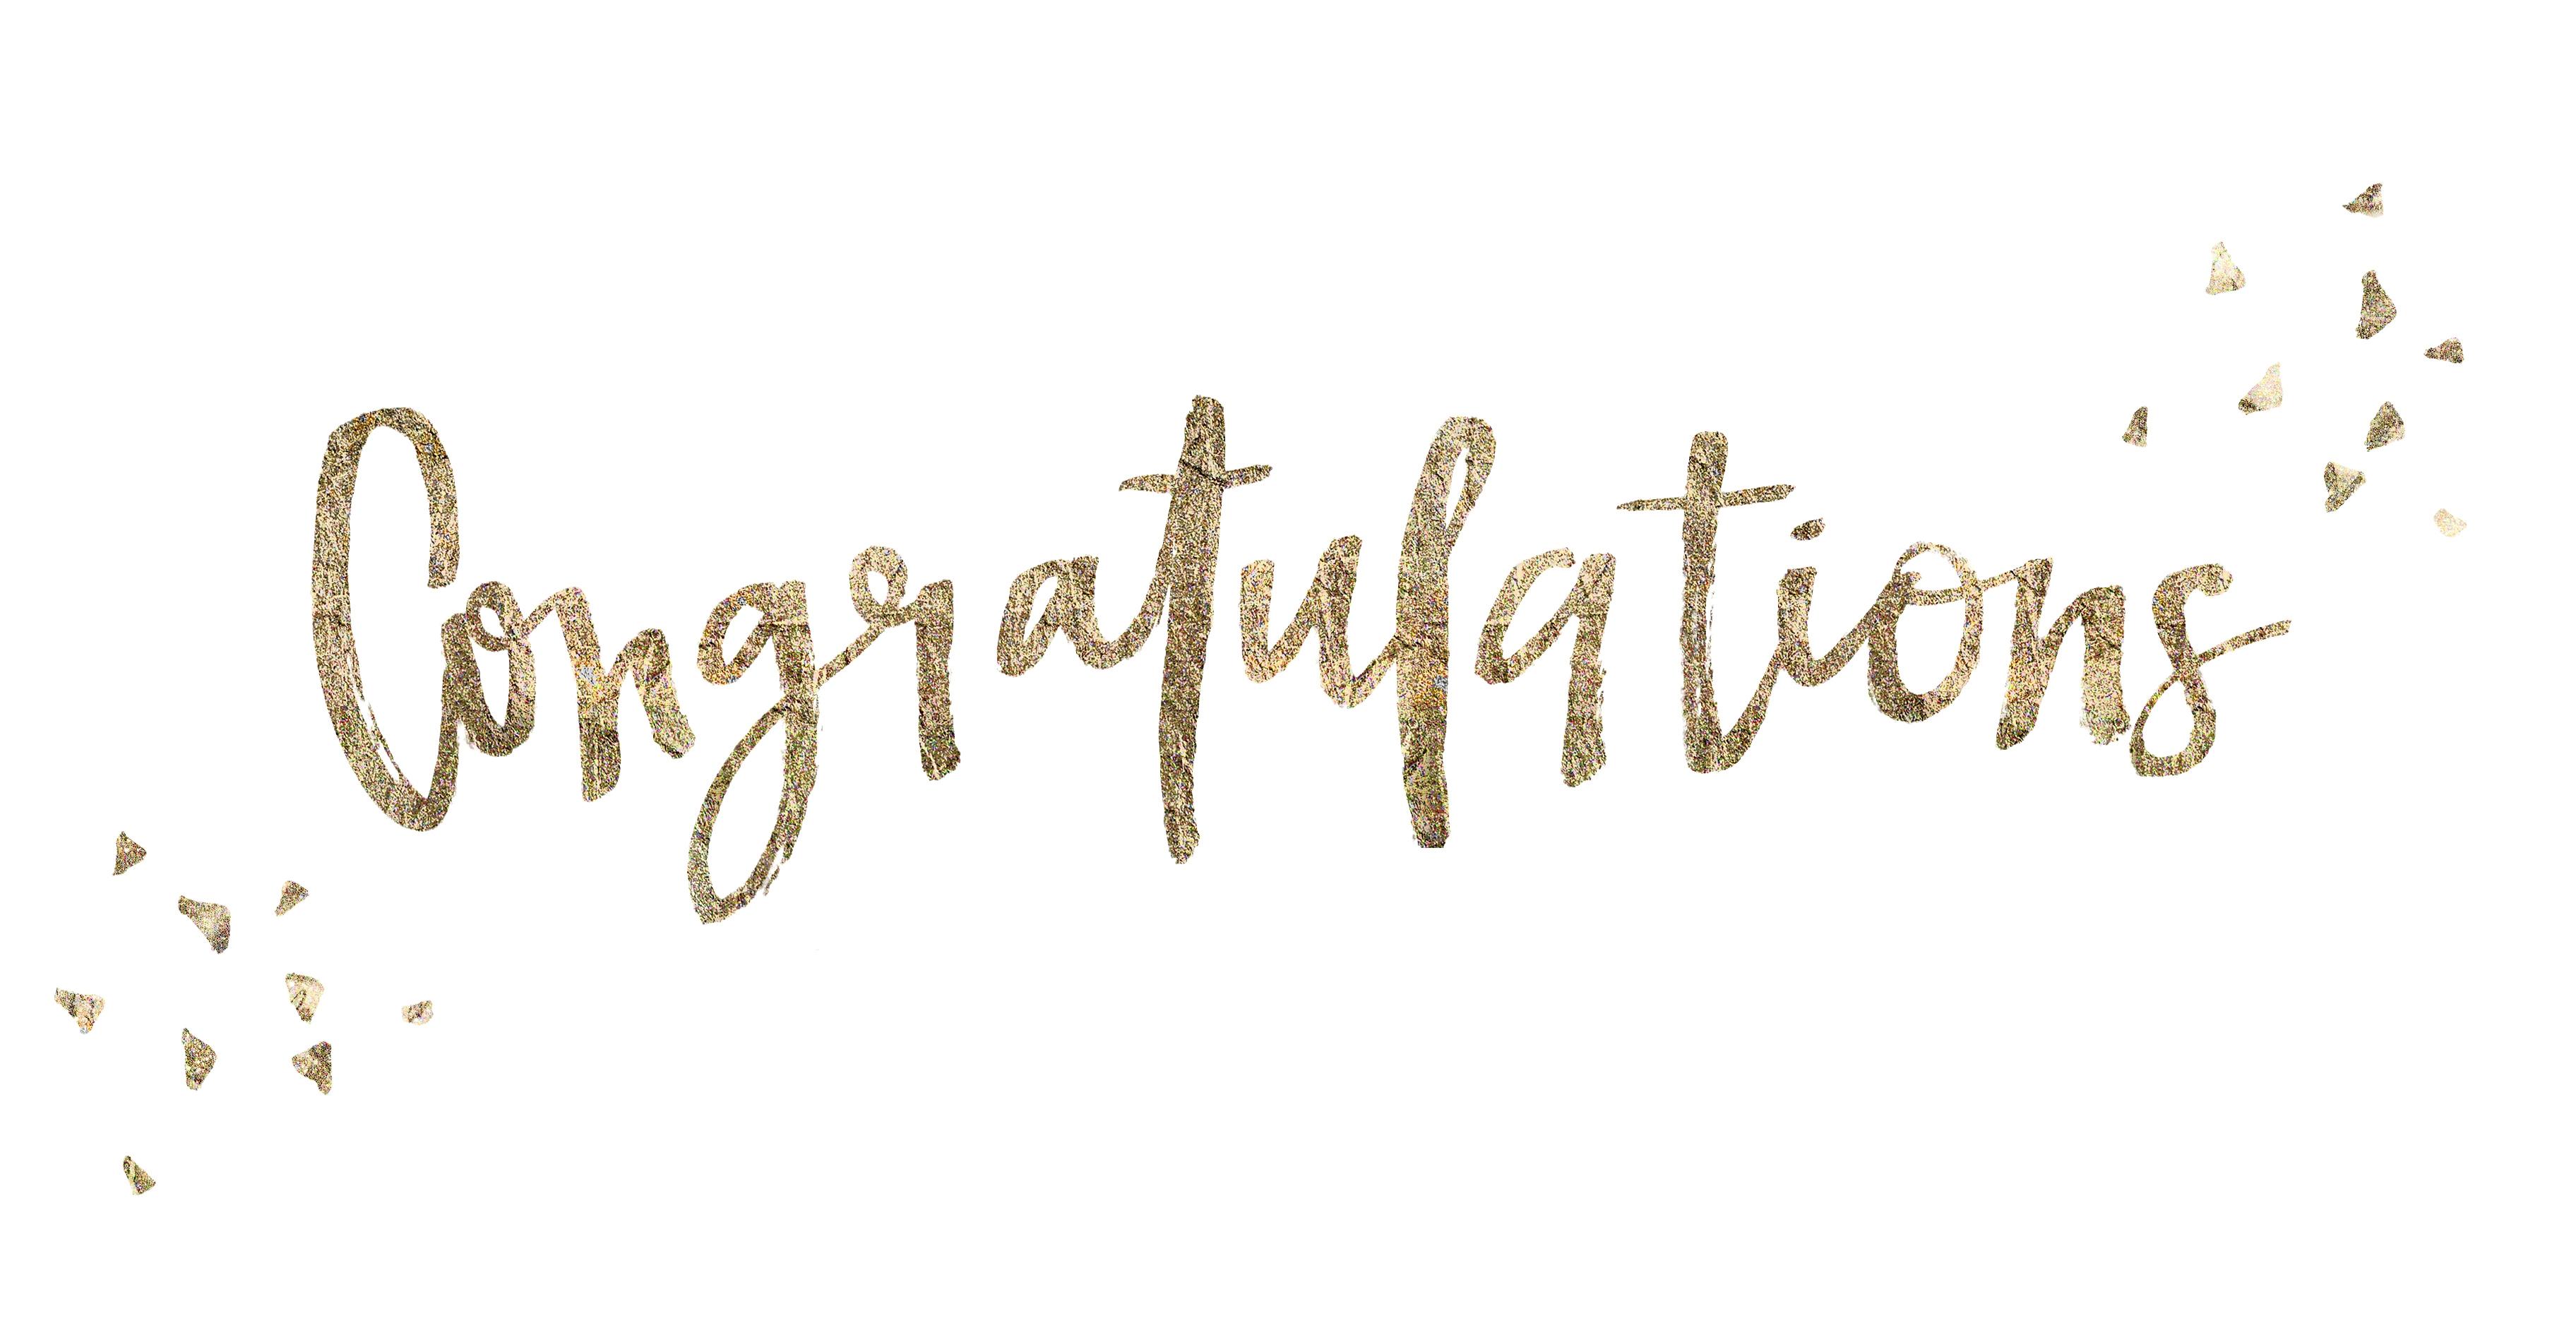 aatia congratulations to aatia members